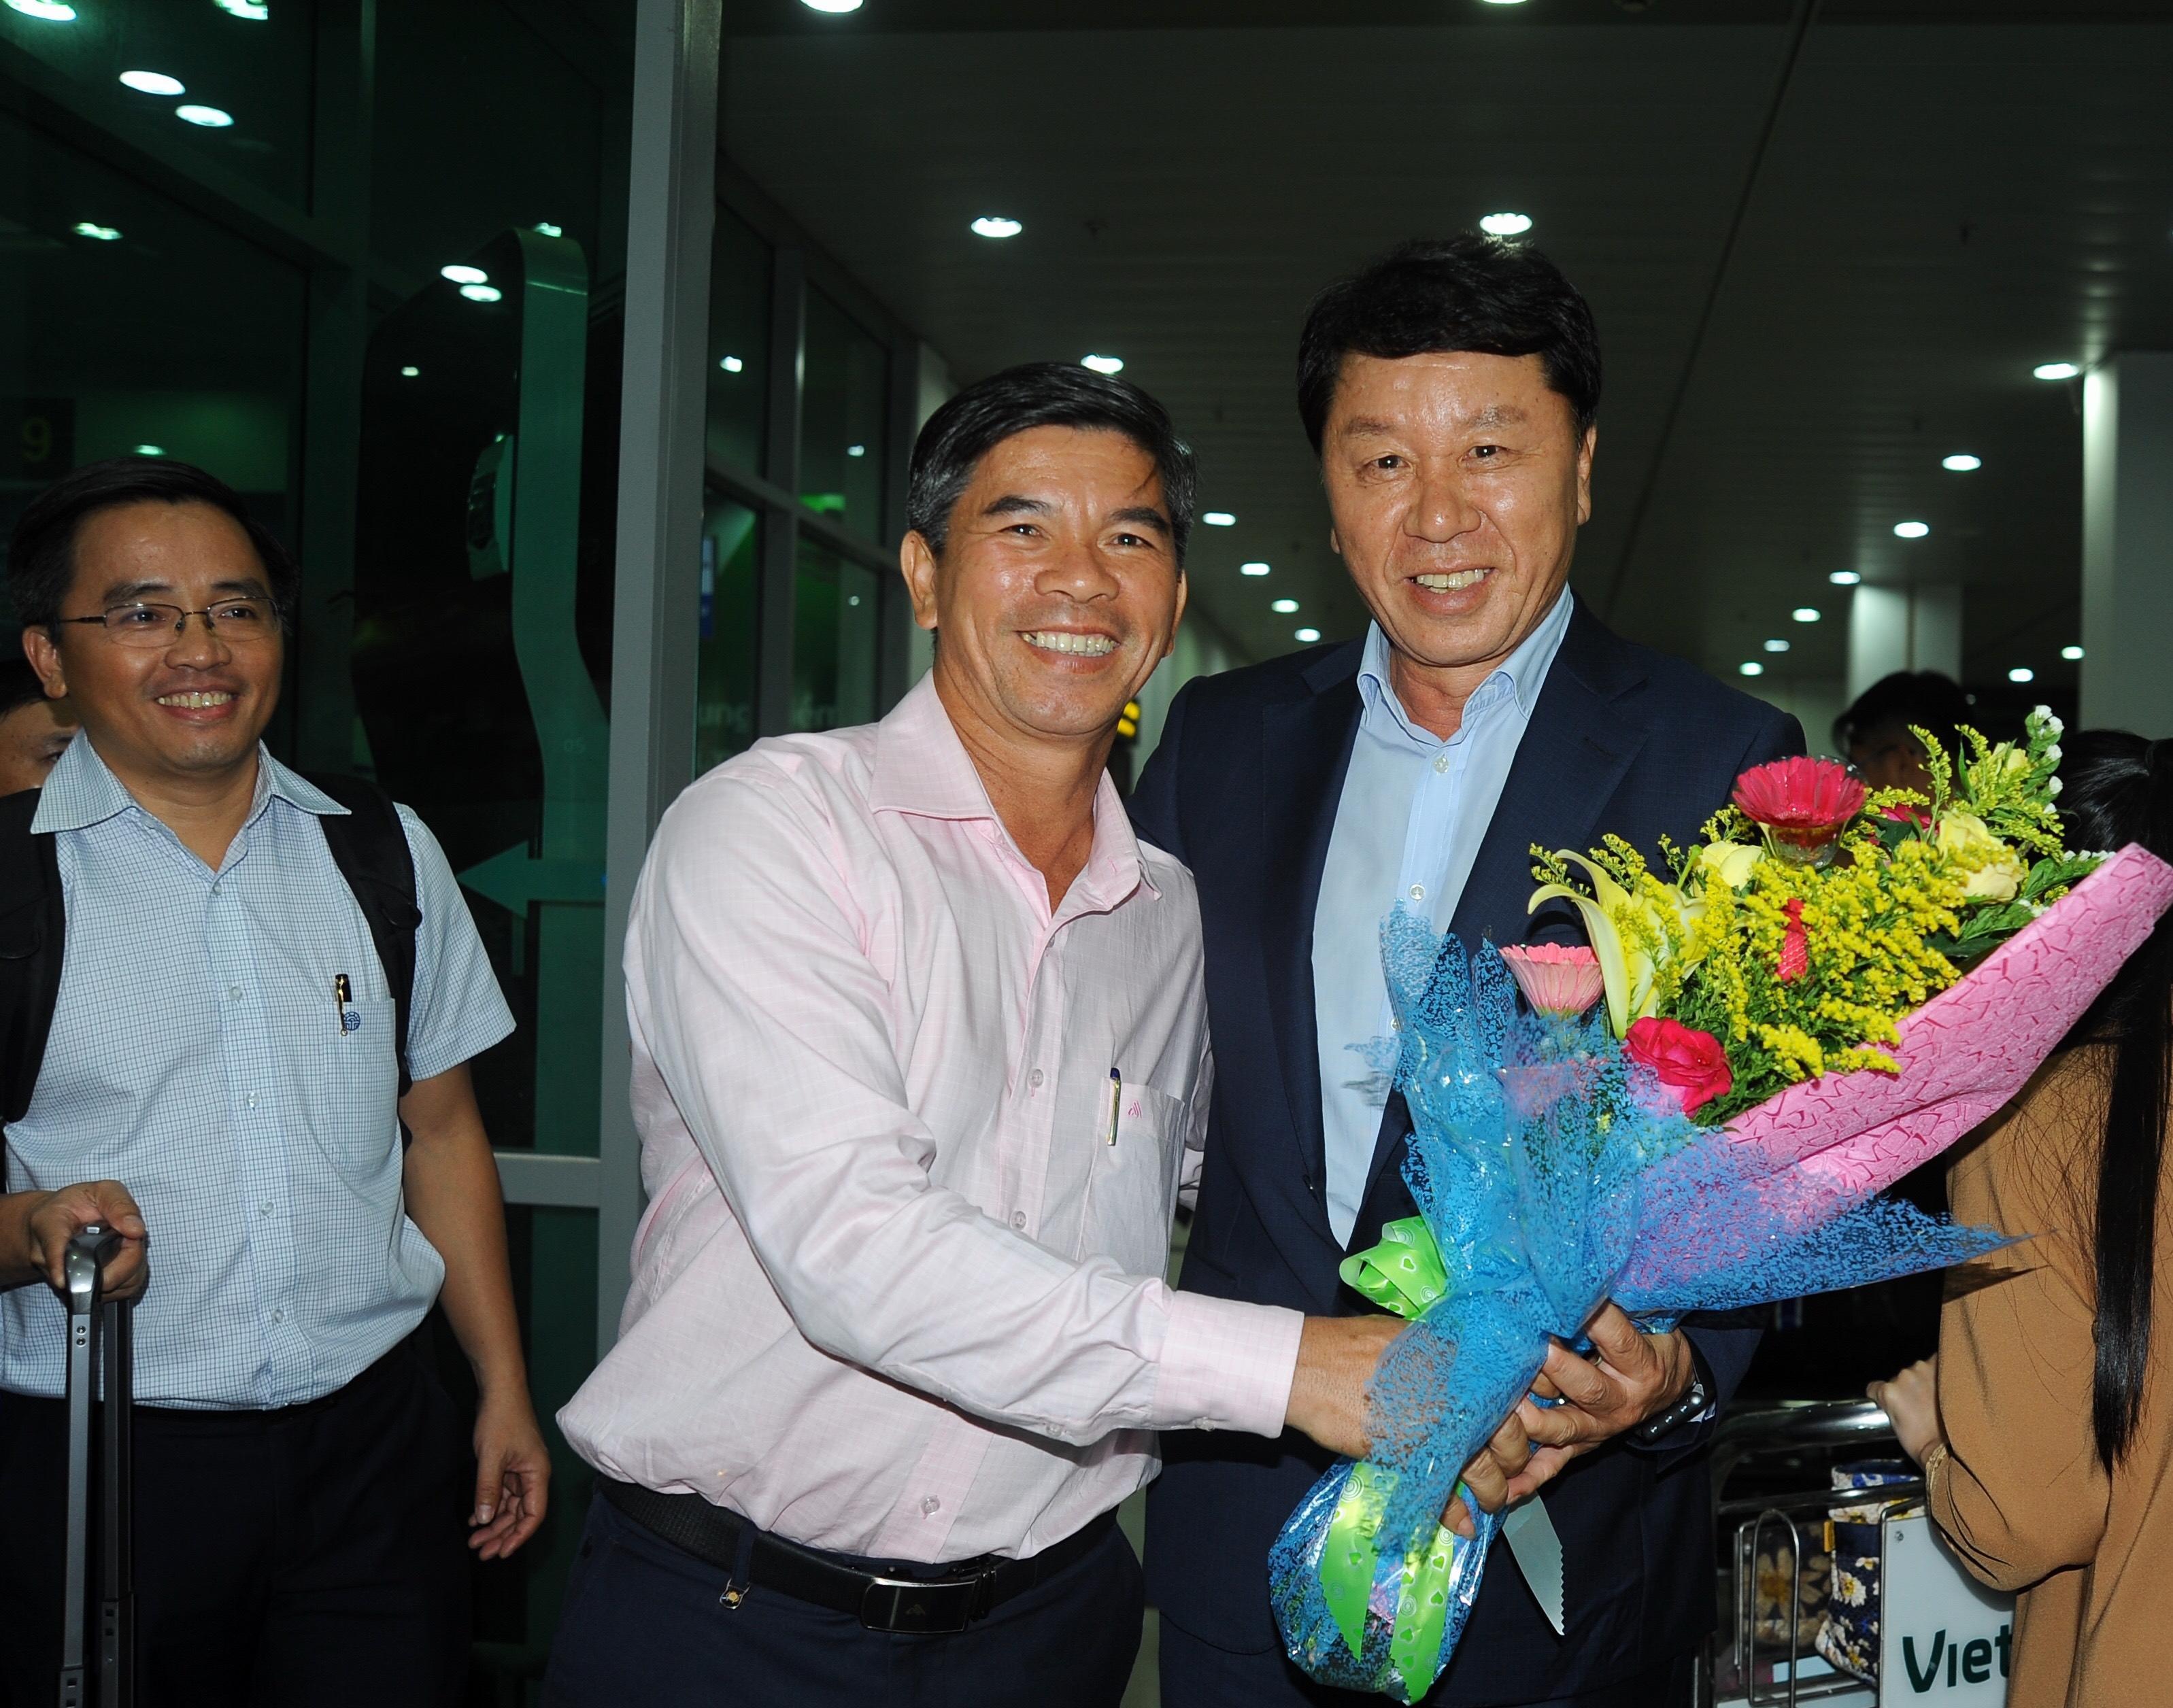 Tân giám đốc kỹ thuật Chung Hae-seong (phải) có mặt tại TP Pleiku tối 18-10. Ảnh: ANH TIẾN